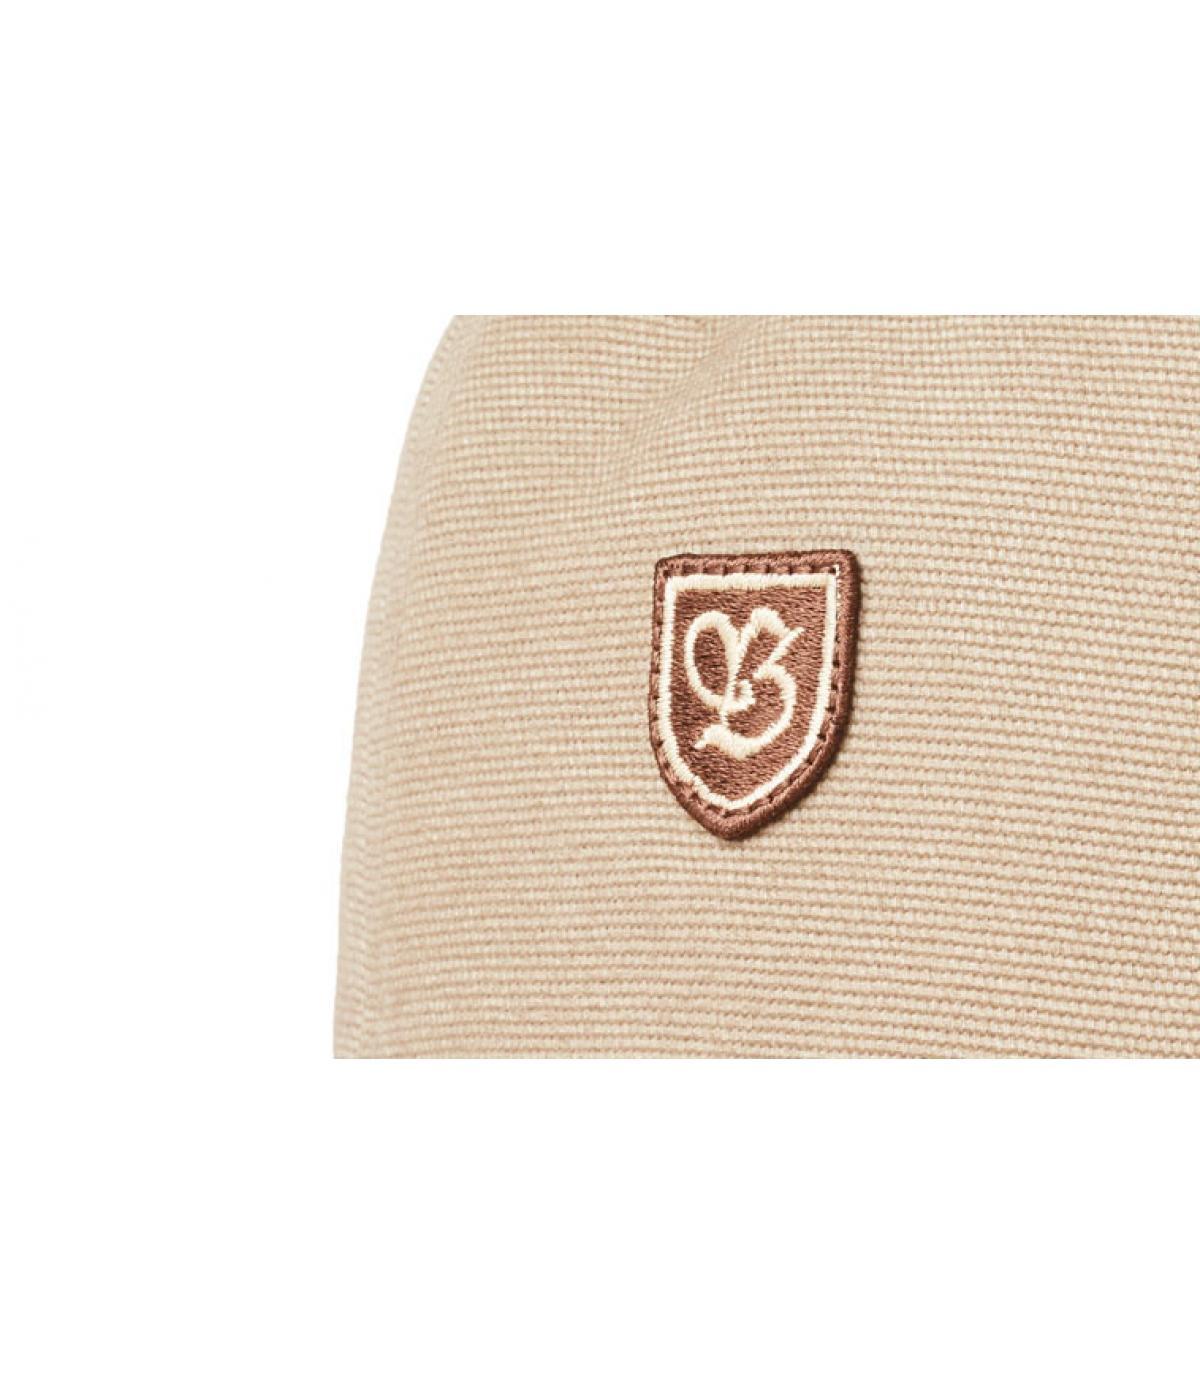 Détails B-SHIELD III parchment - image 3